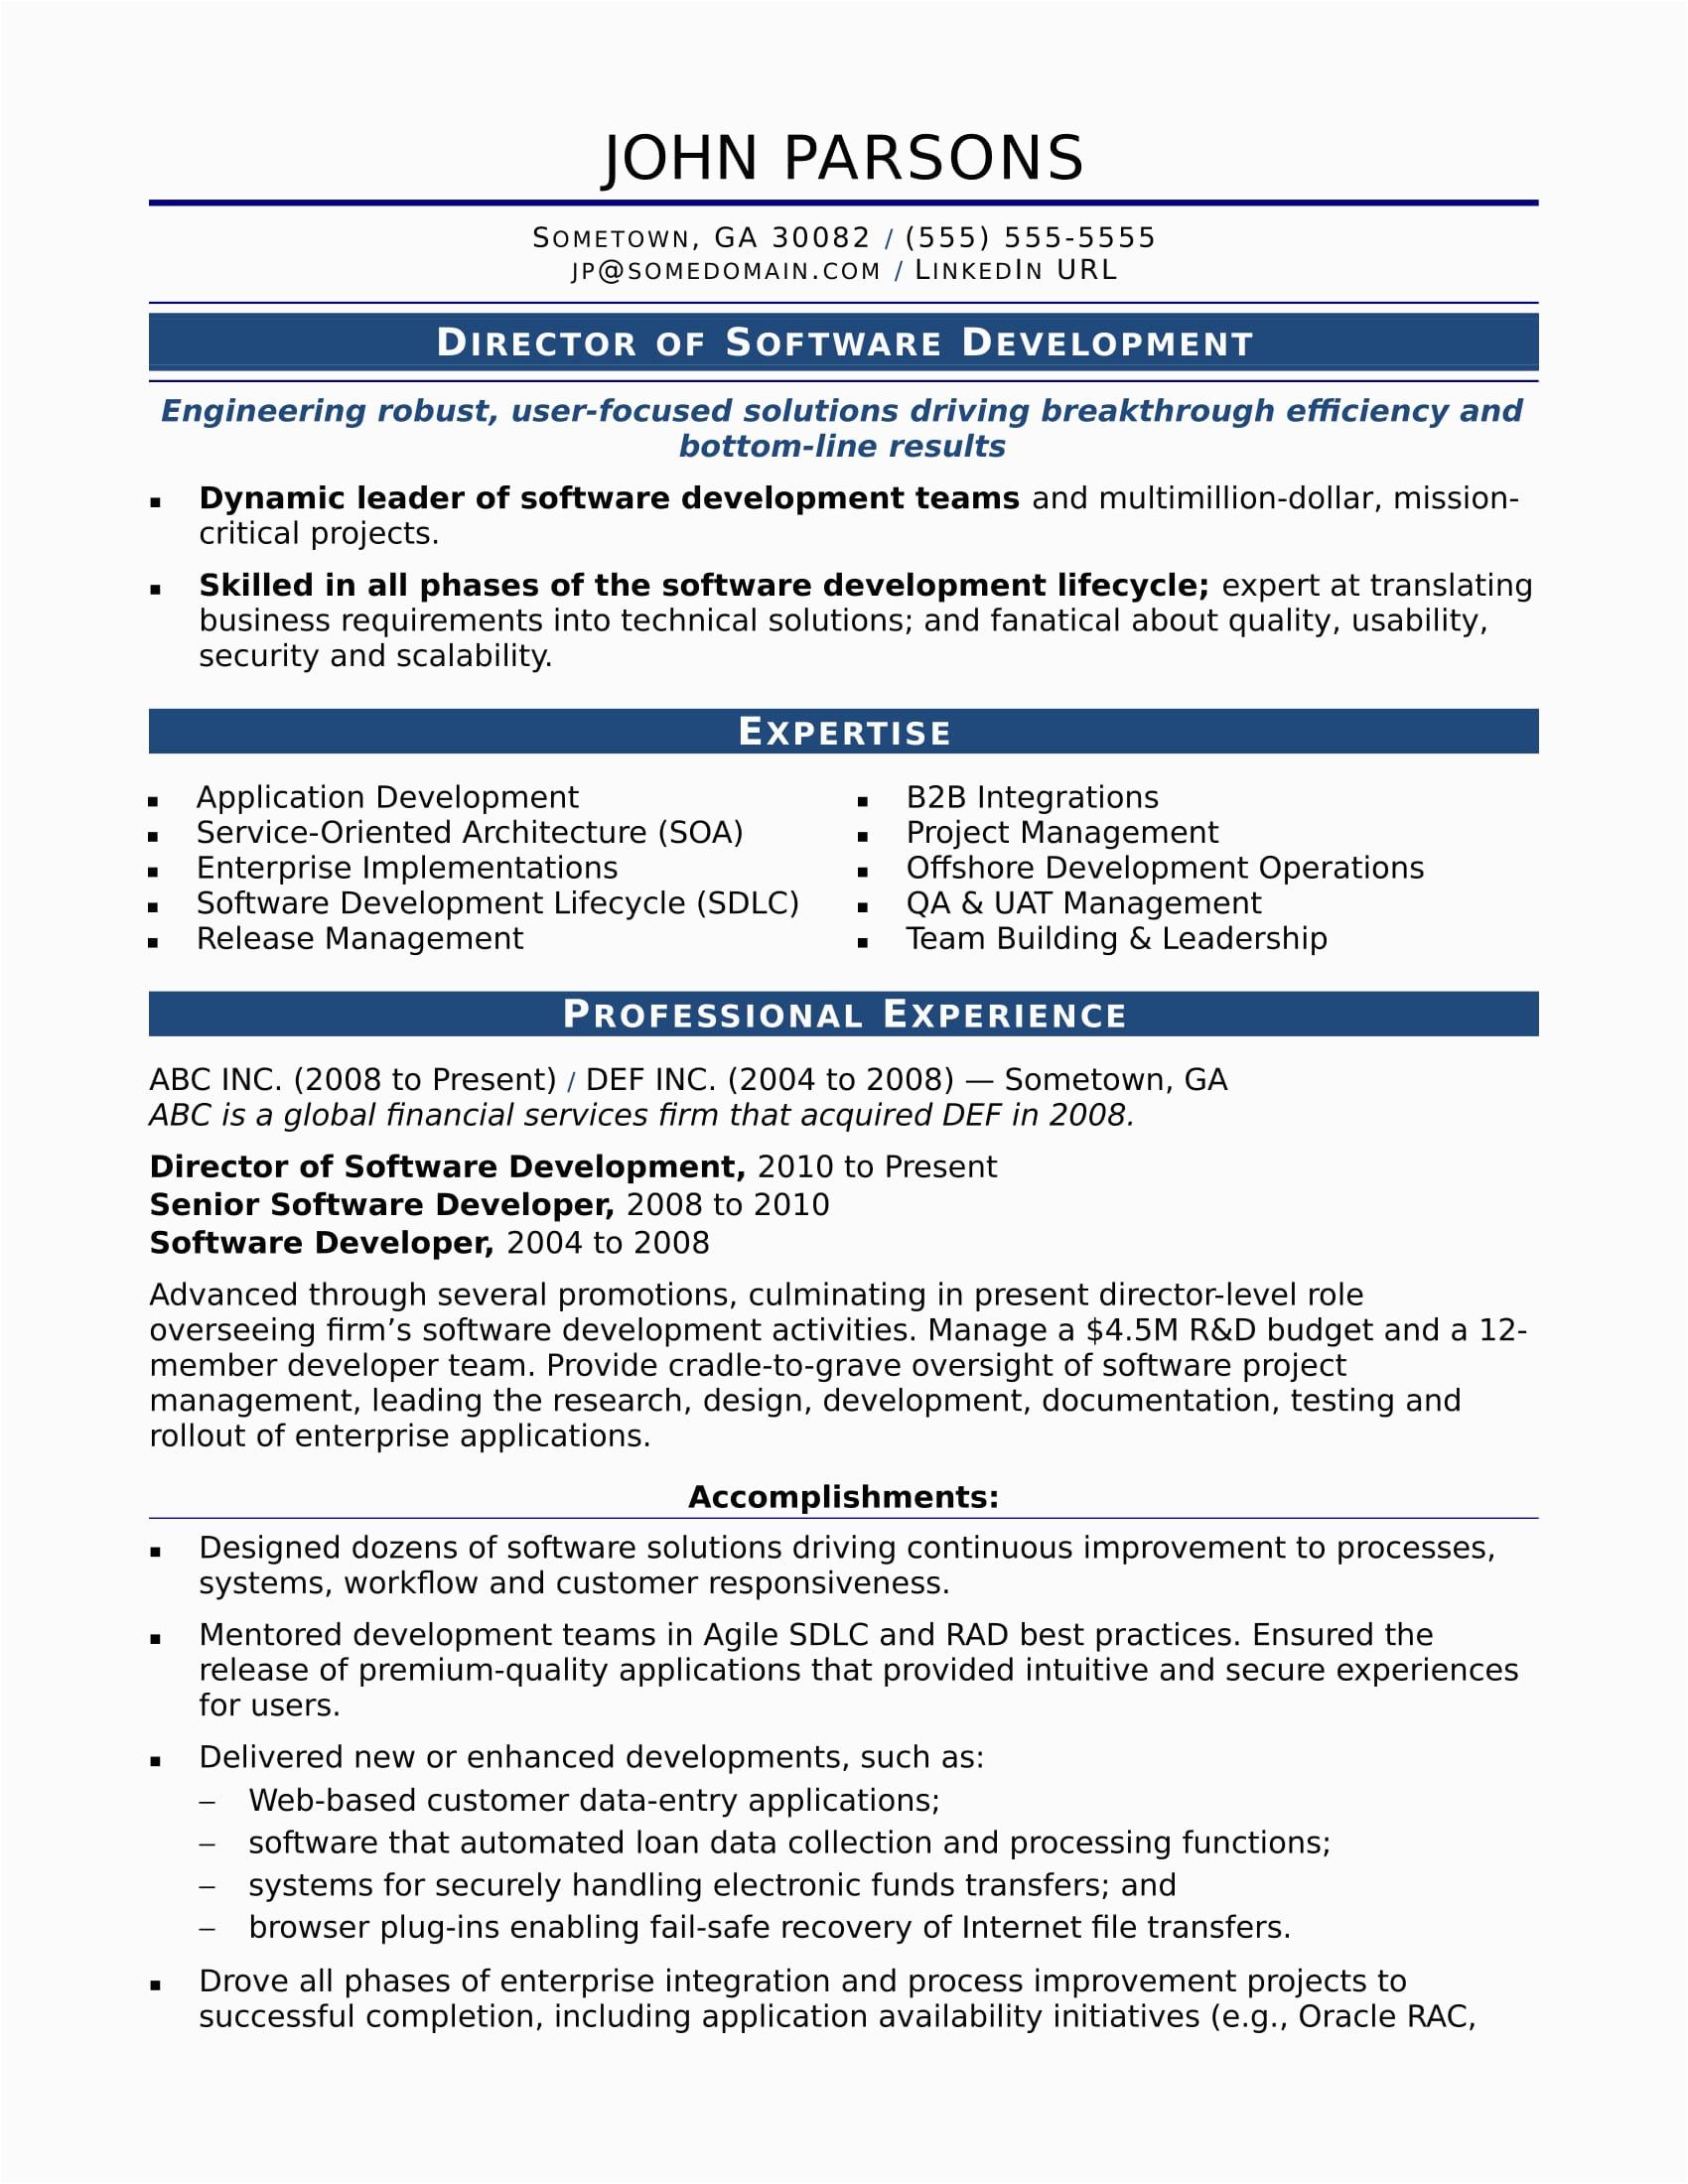 Sample Resume for Experienced Ui Developer Free Download Sample Resume for An Experienced It Developer